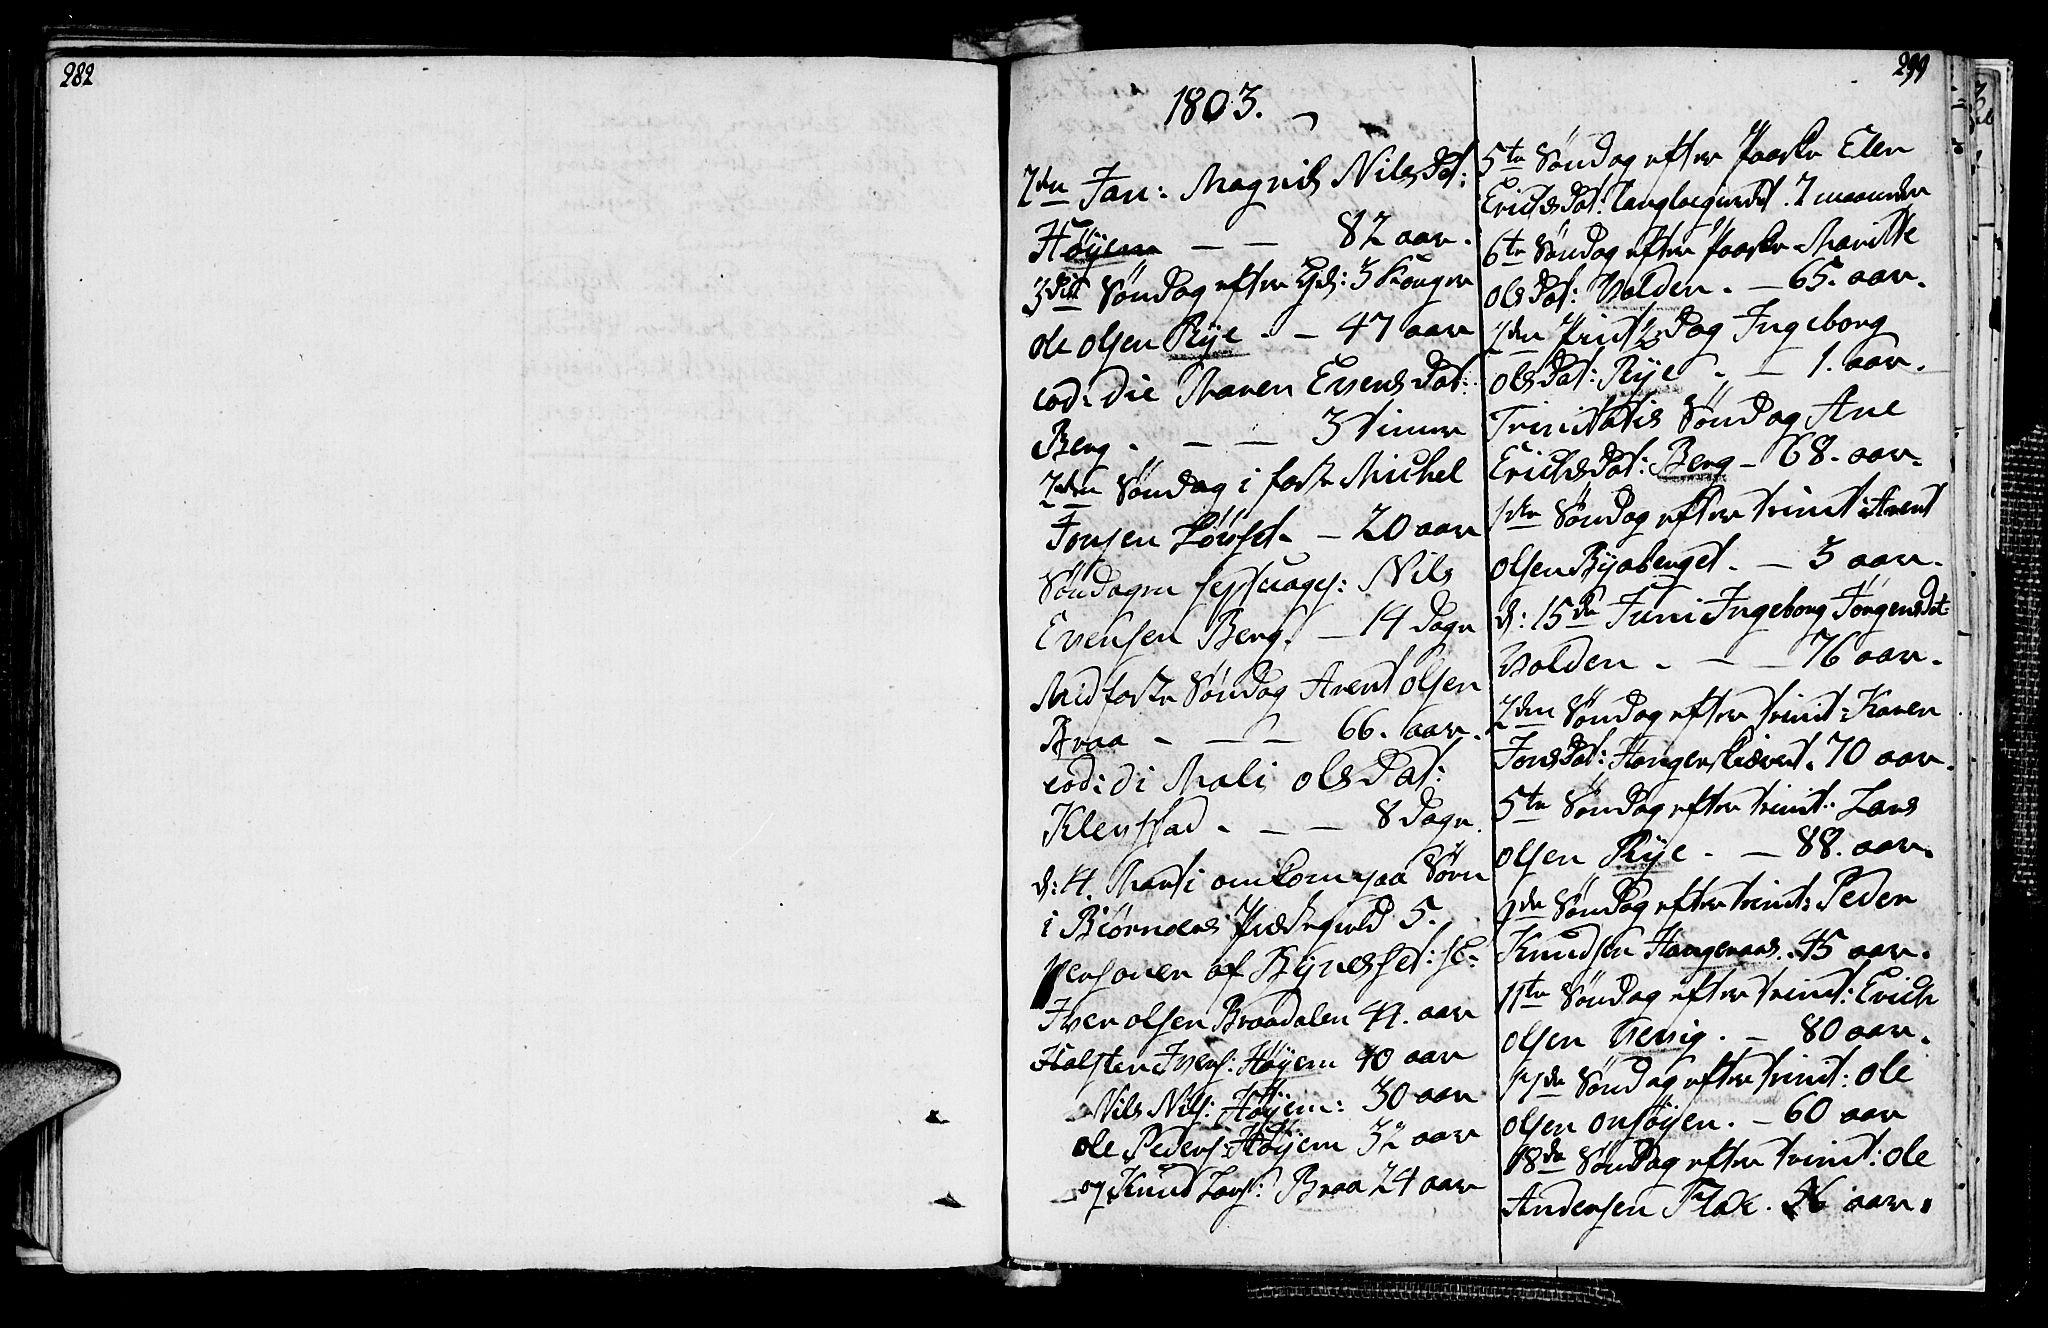 SAT, Ministerialprotokoller, klokkerbøker og fødselsregistre - Sør-Trøndelag, 612/L0371: Ministerialbok nr. 612A05, 1803-1816, s. 298-299